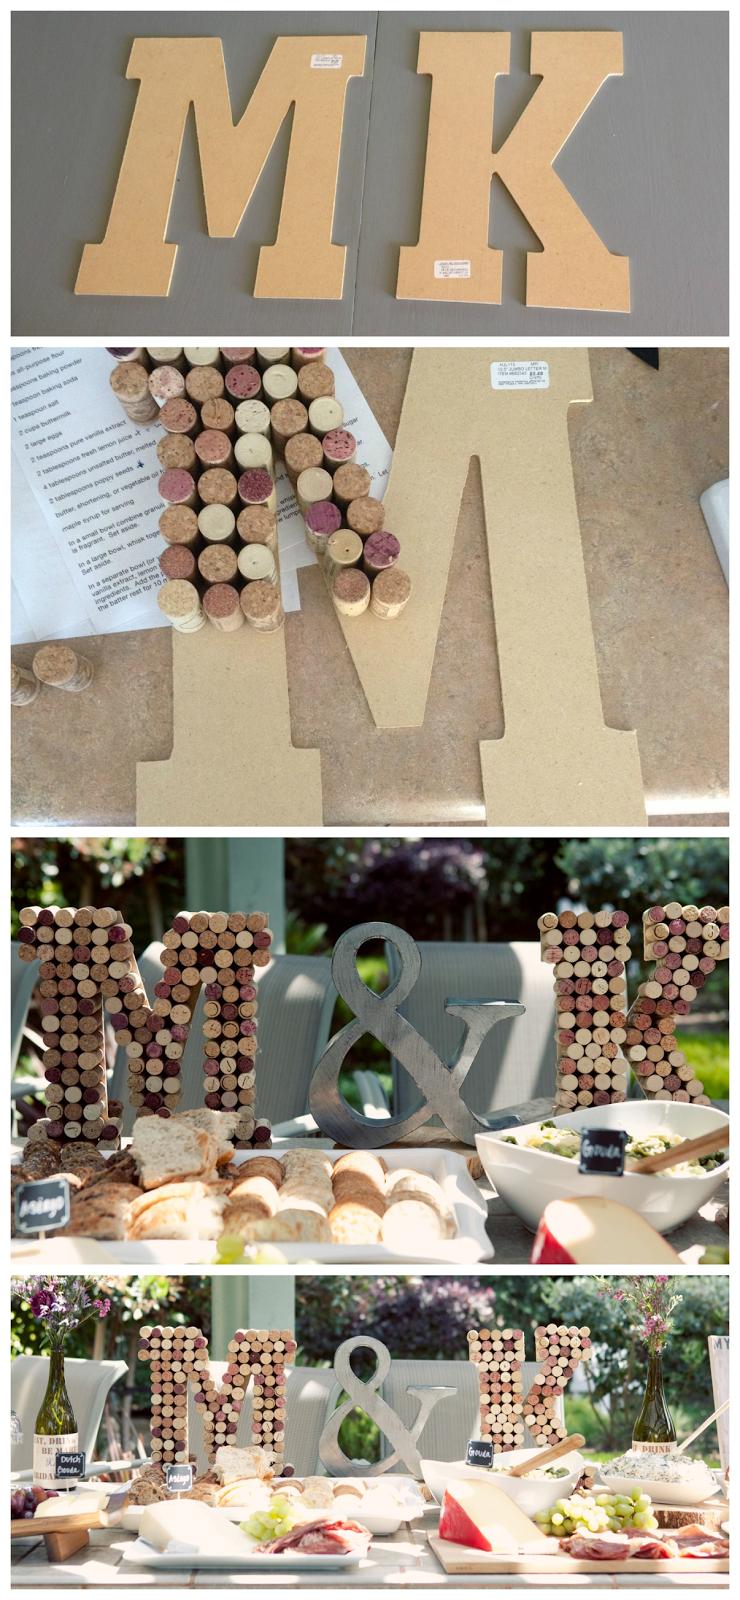 Cork monogram letters cork dcor wine themed